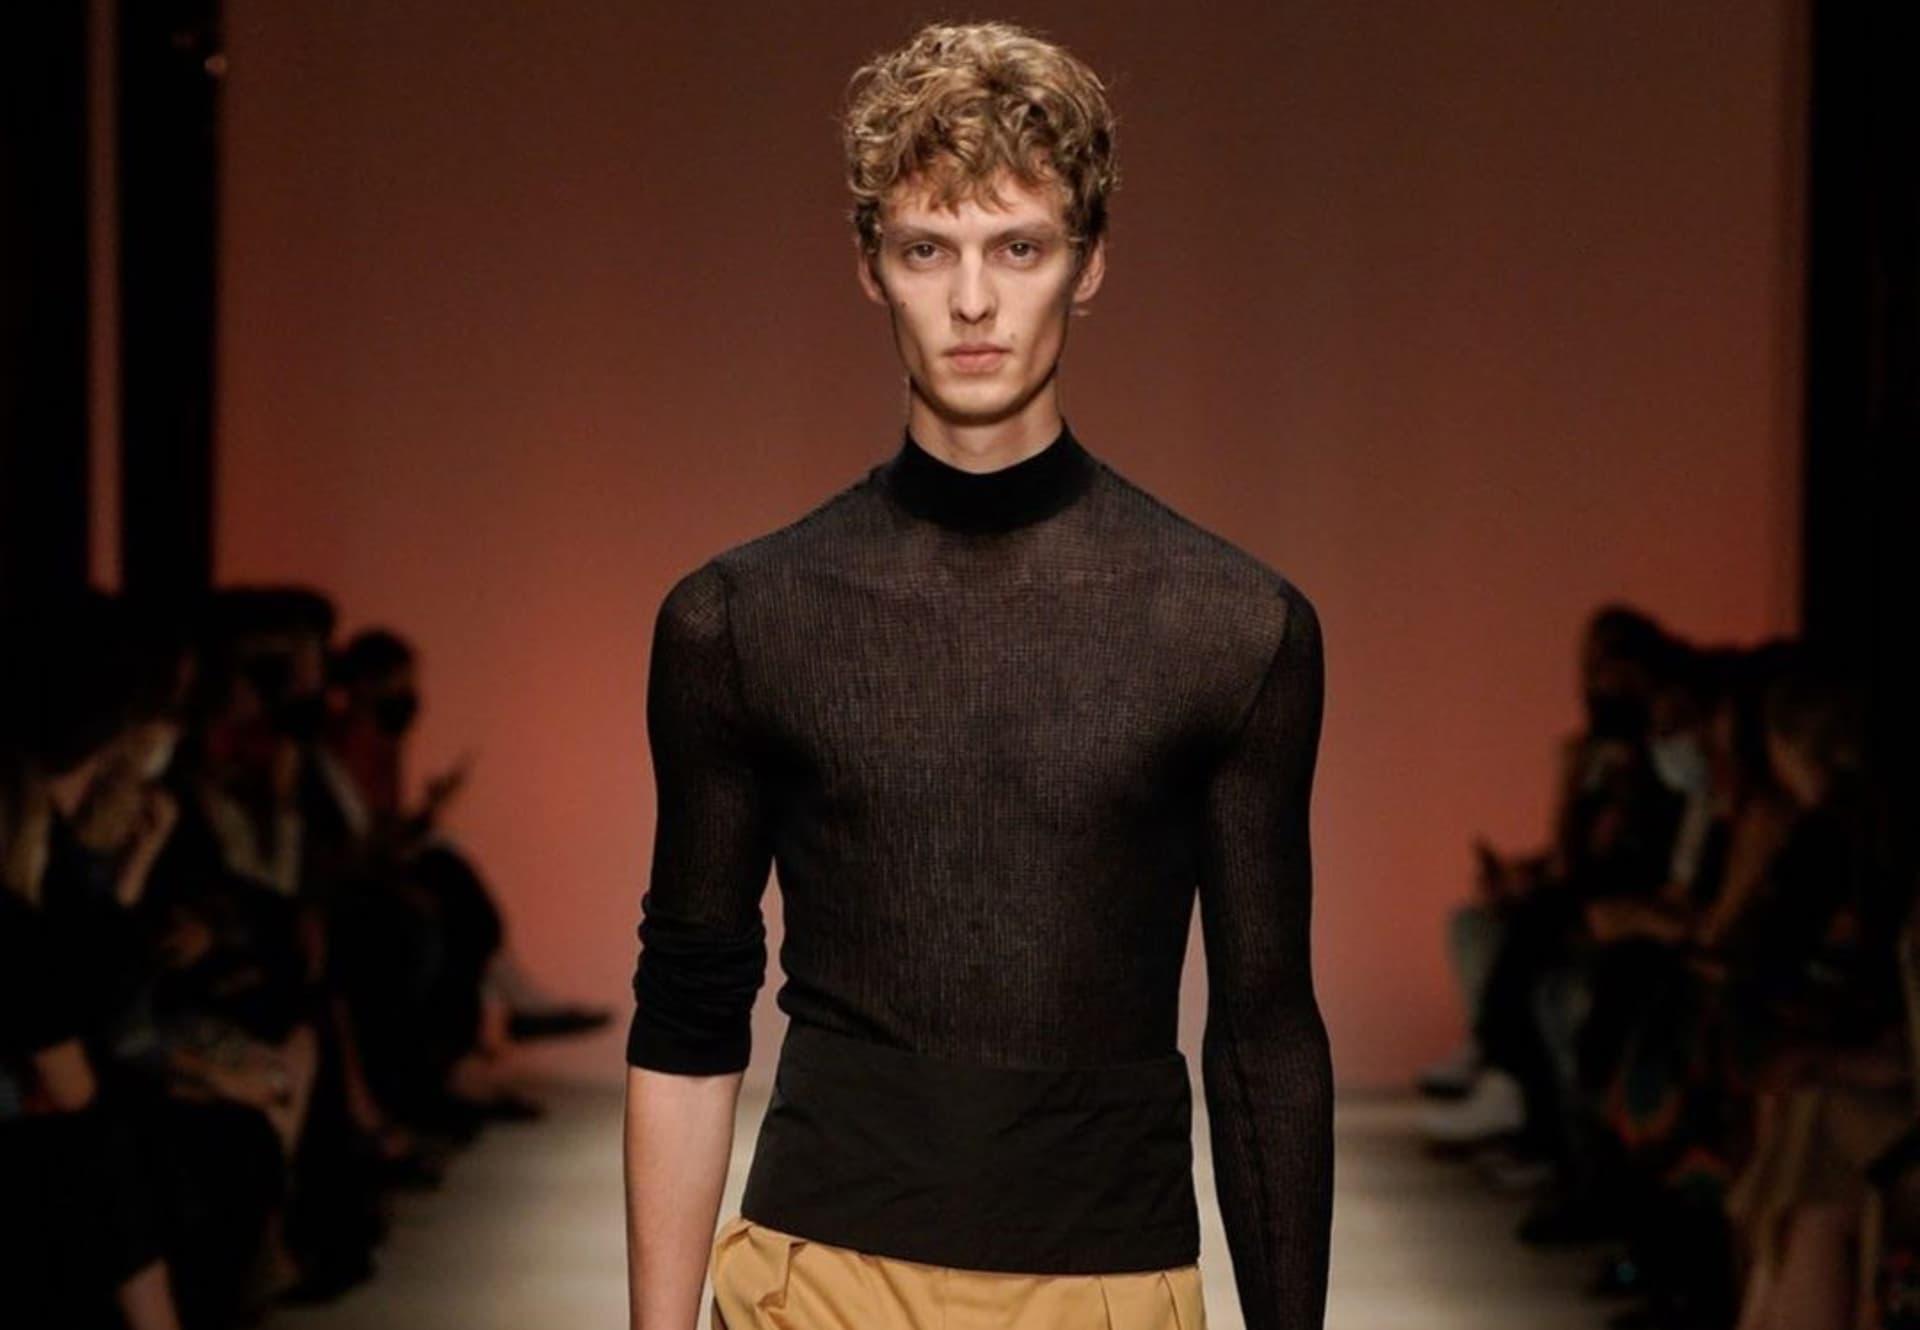 Estos son los modelos masculinos más convocadas de las pasarelas